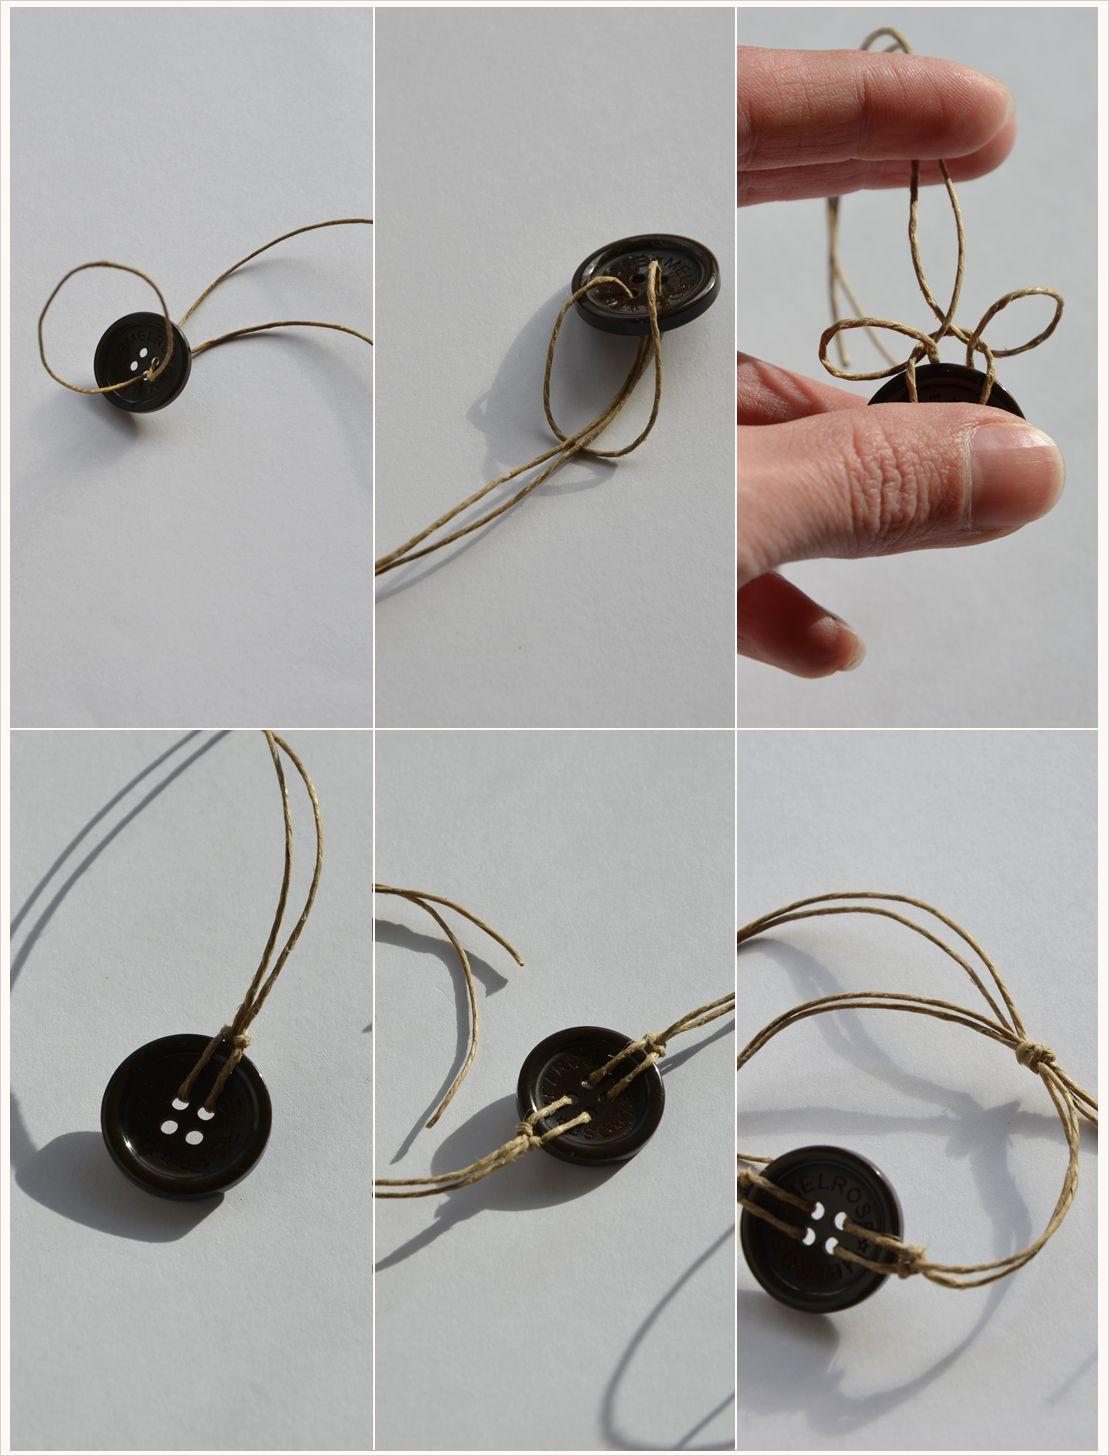 schiebeknoten binden verstellbares armband selber machen mit. Black Bedroom Furniture Sets. Home Design Ideas